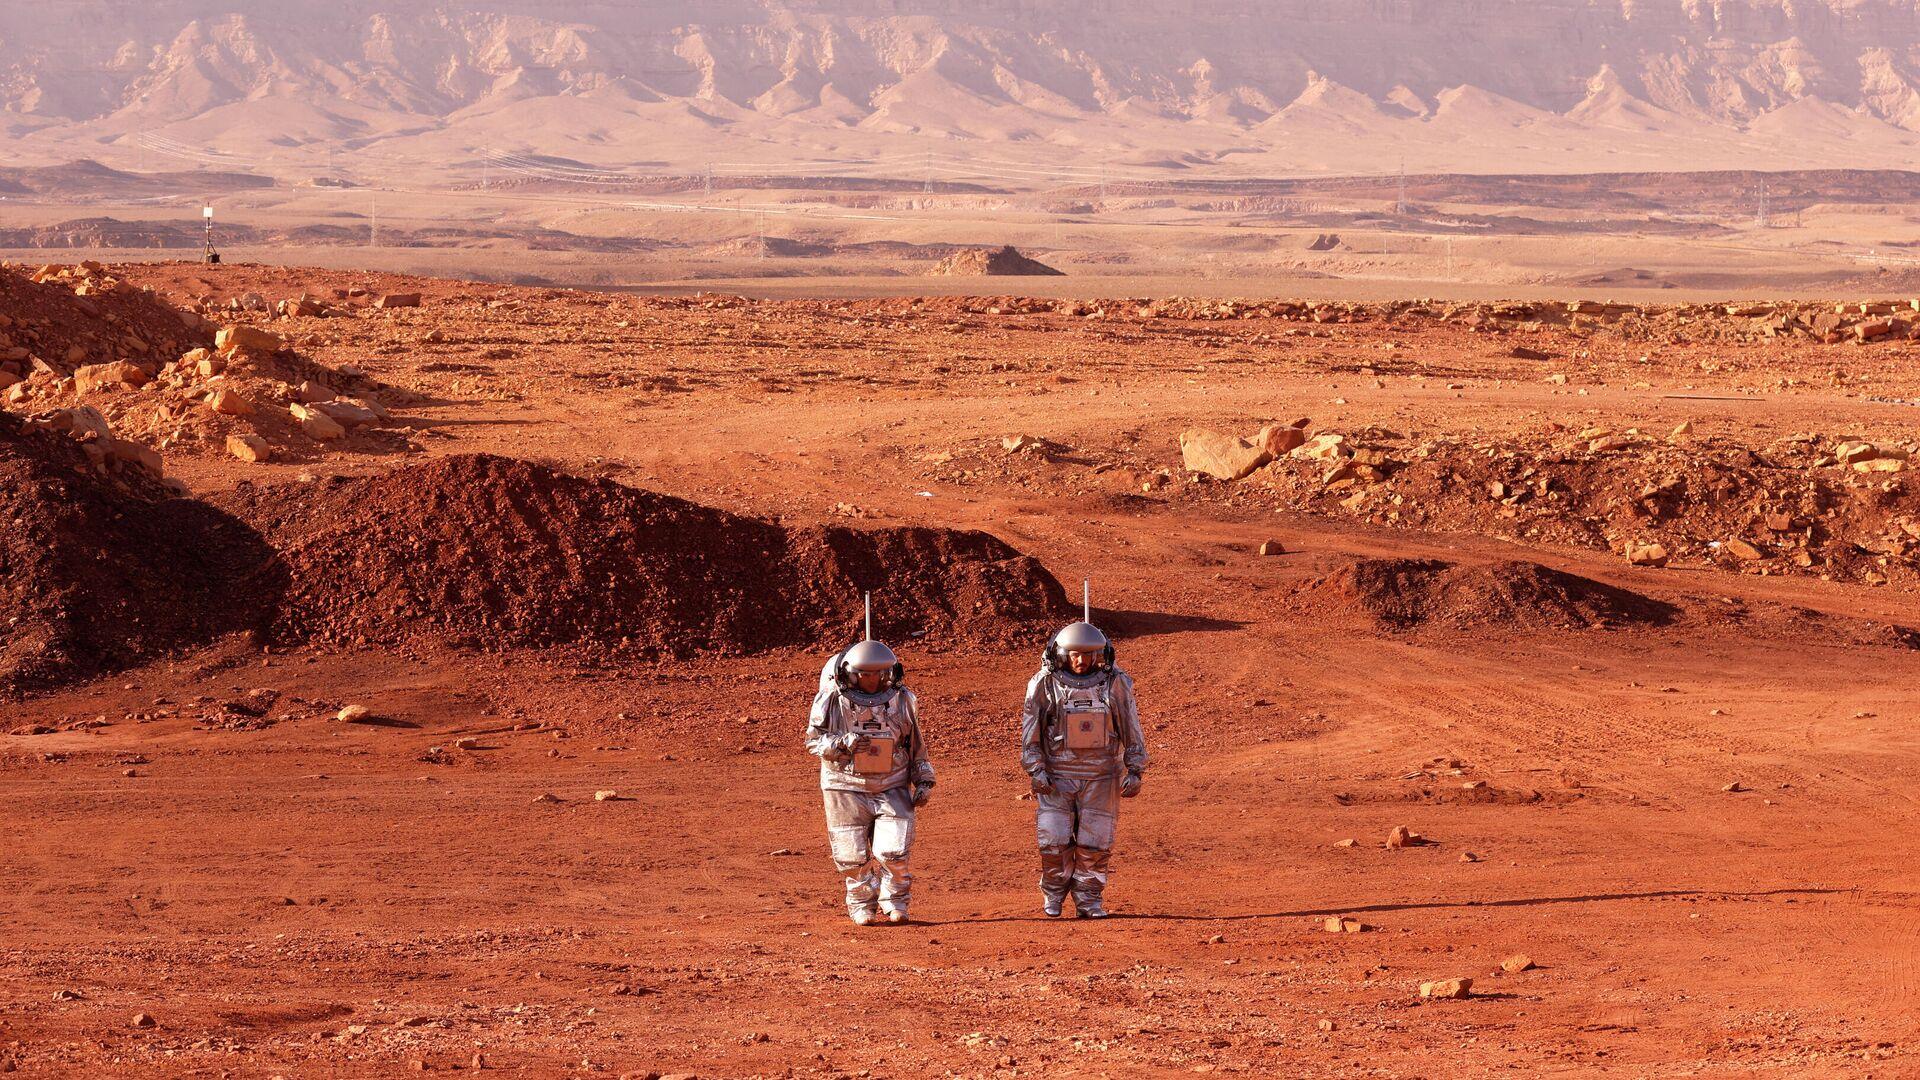 Припреме за мисију на Марс Аустрије и Израела у пустињи Негев - Sputnik Србија, 1920, 12.10.2021